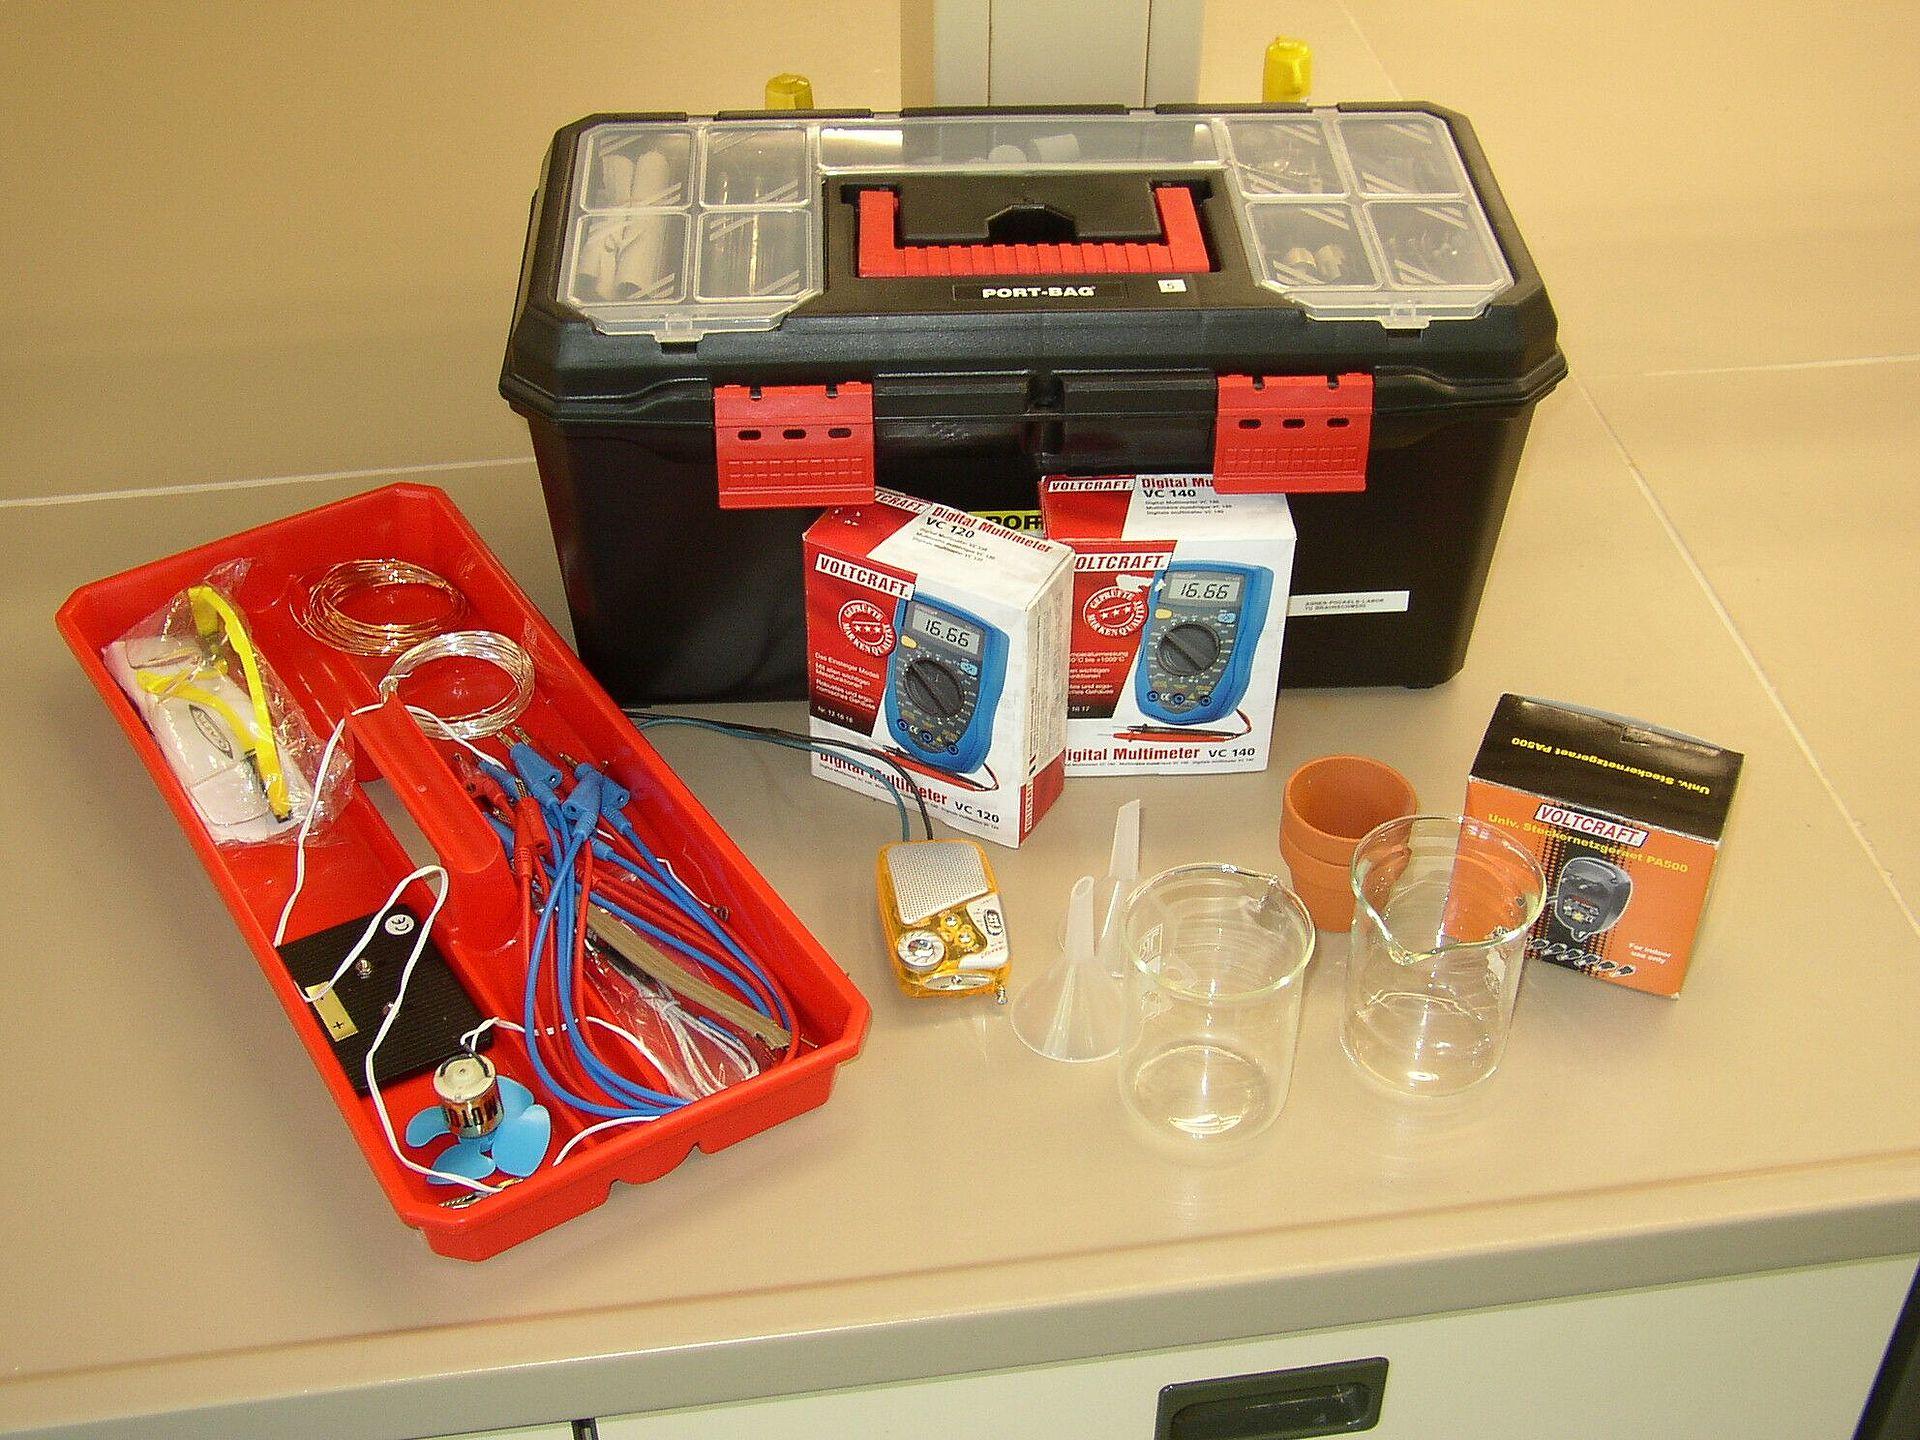 Elektrochemie-Kiste